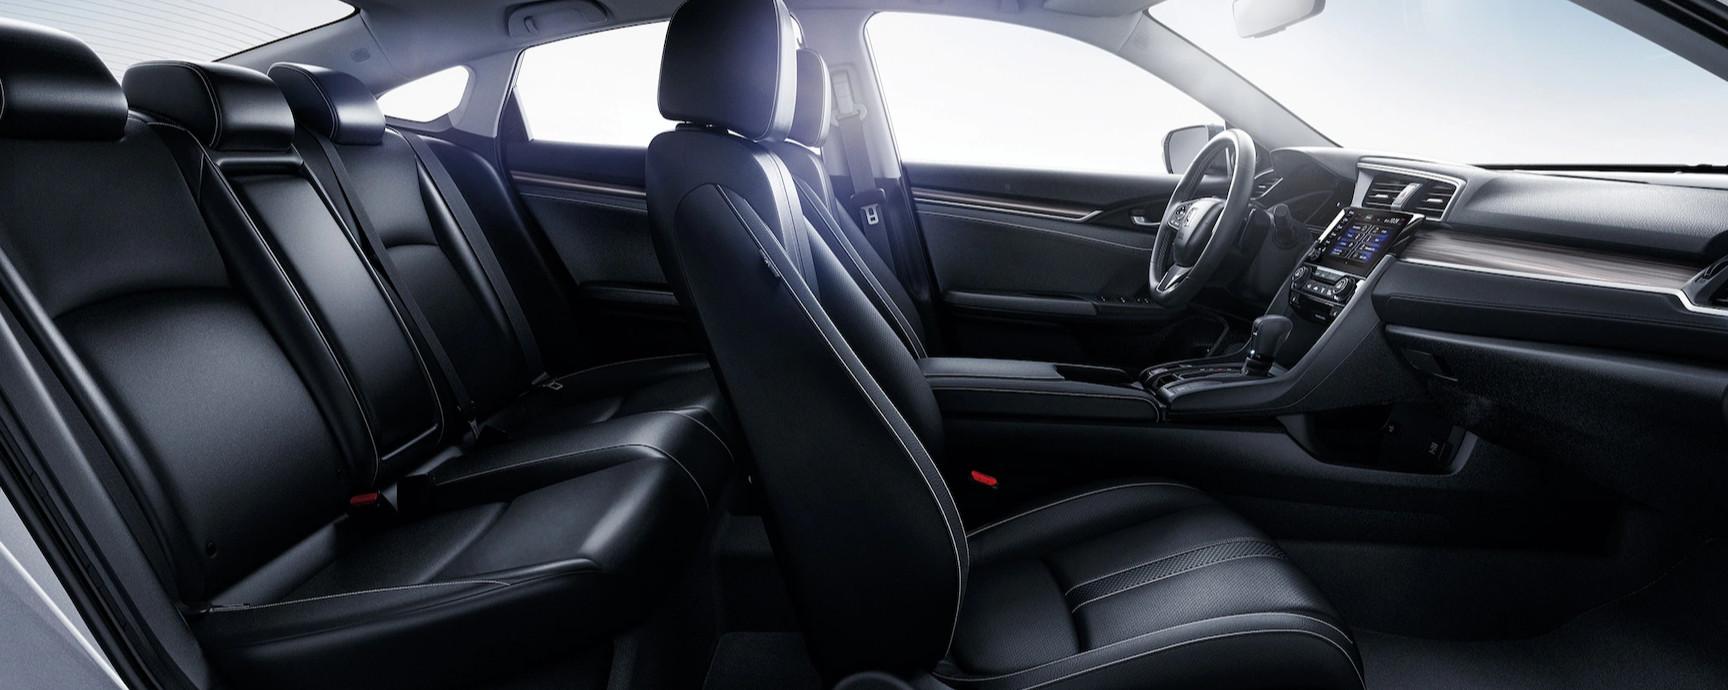 Civic Sedan Interior